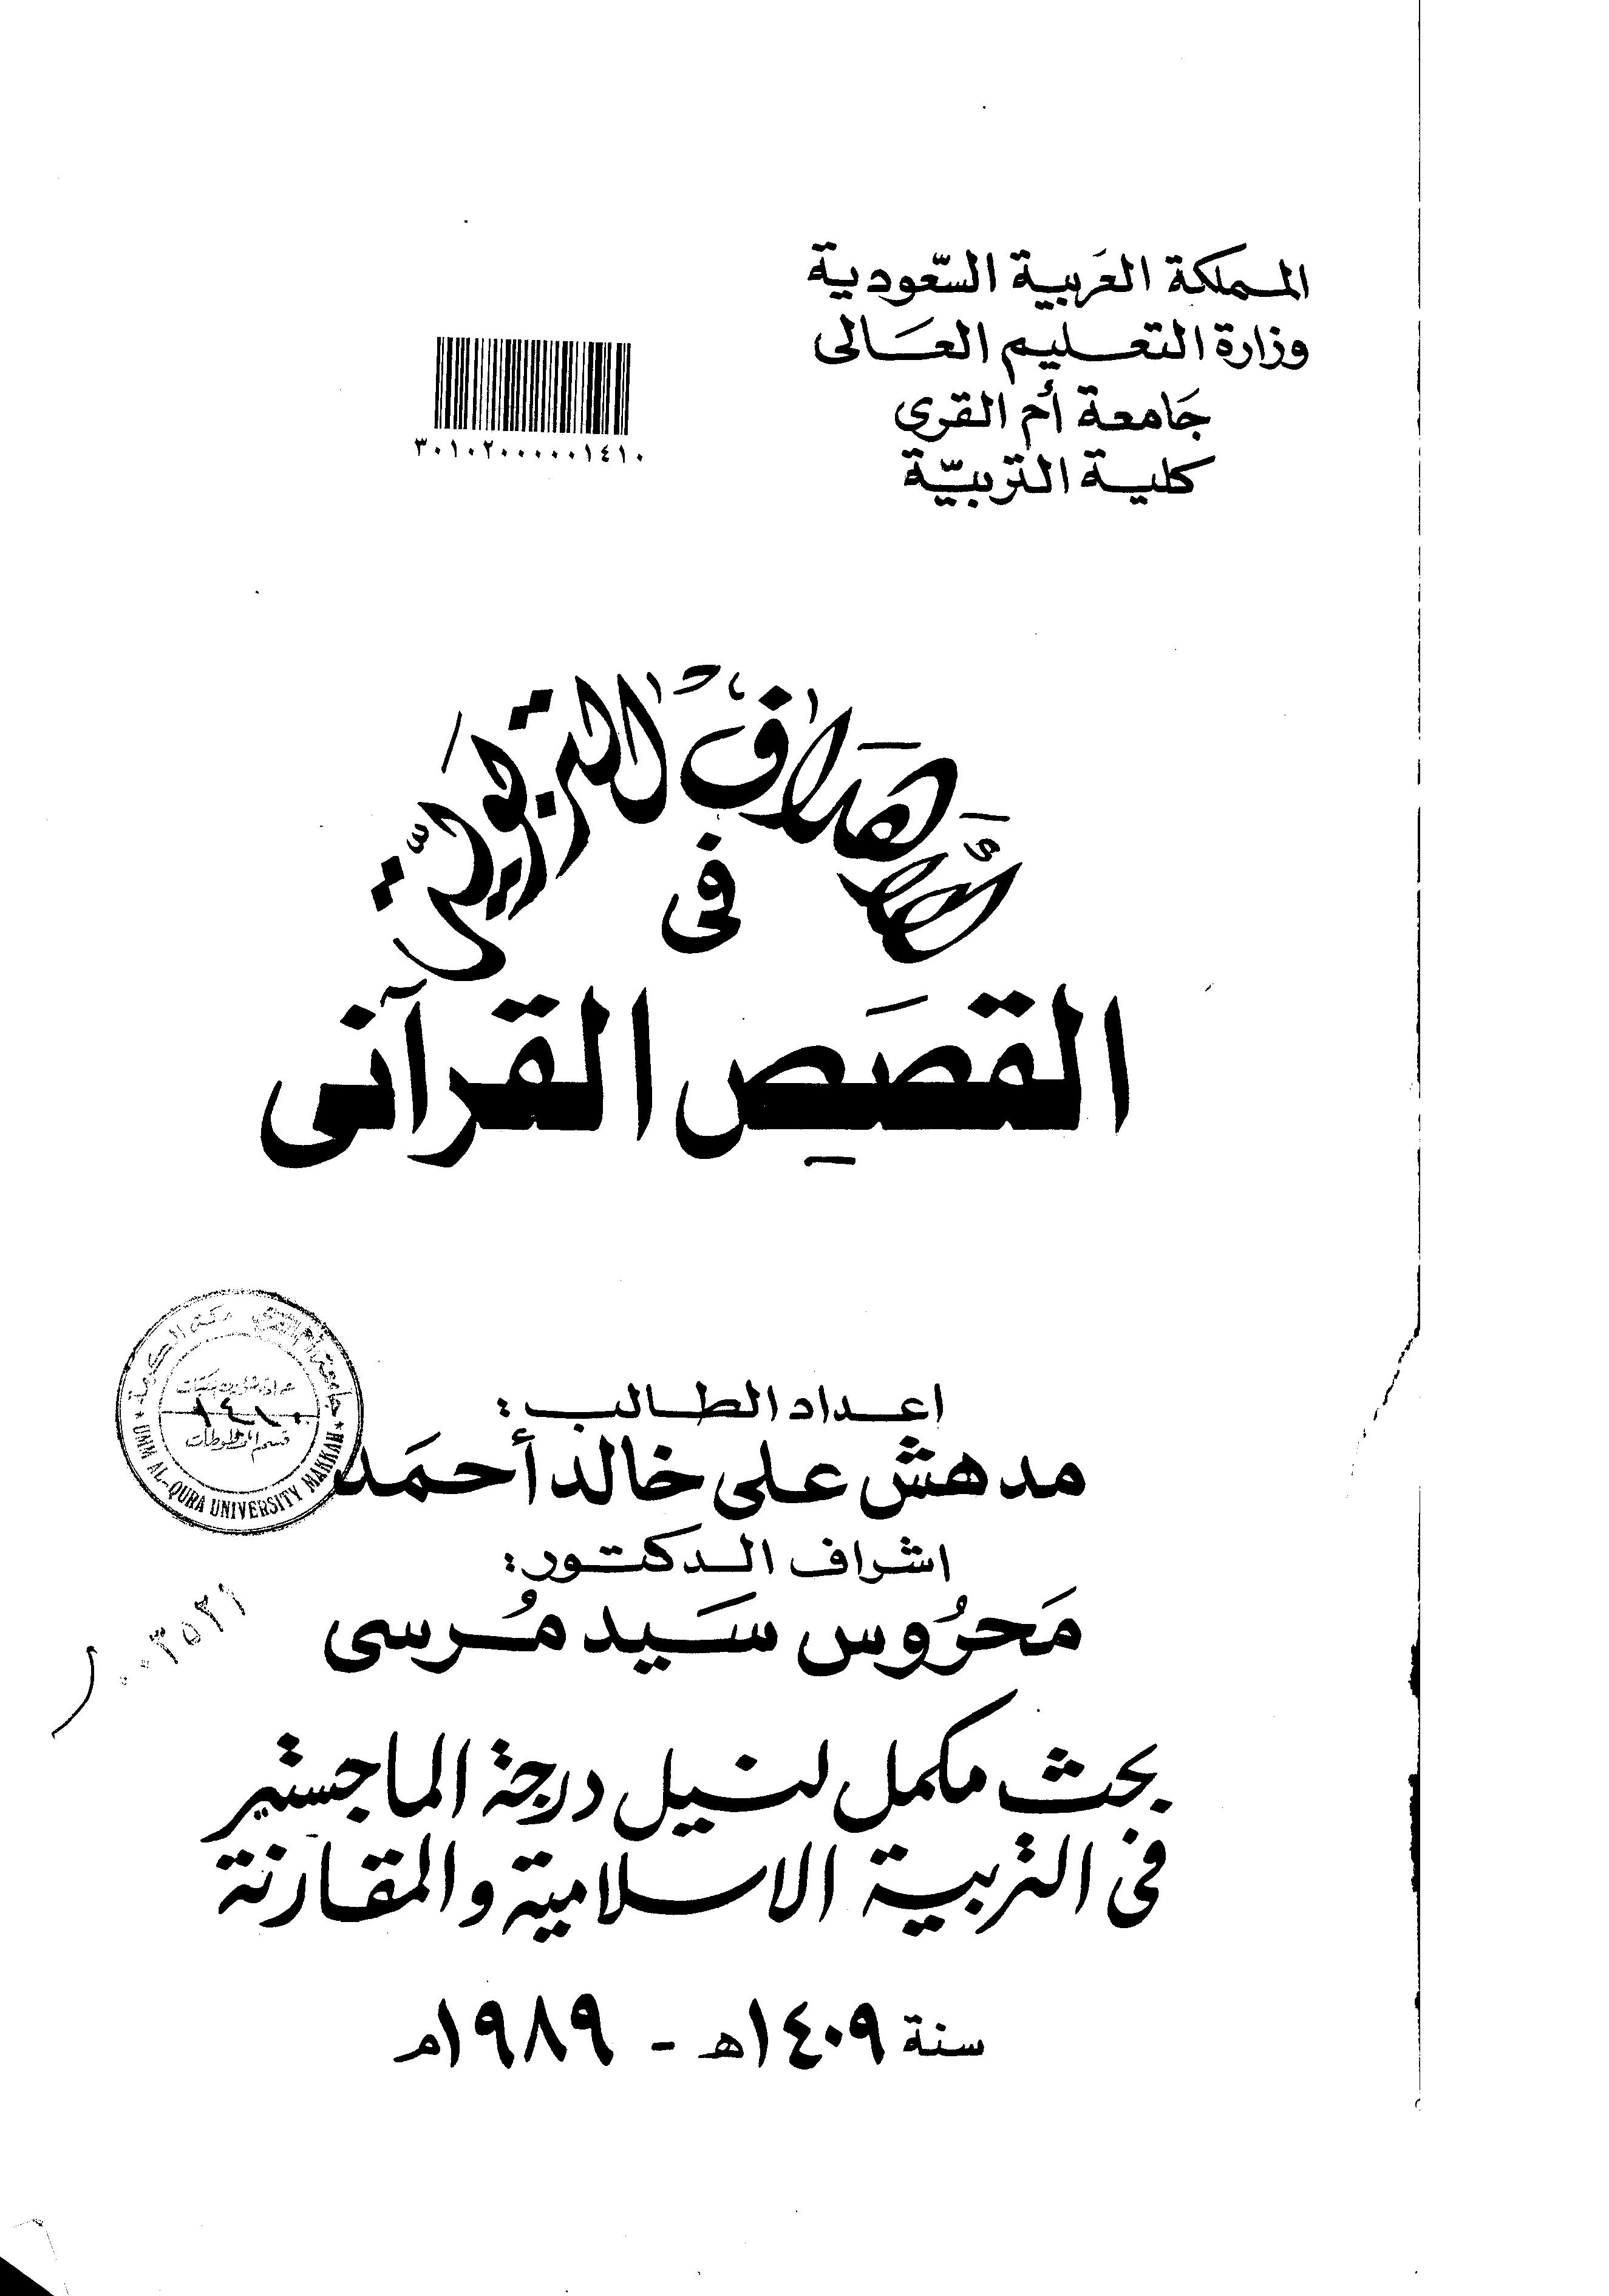 تحميل كتاب الأهداف التربوية في القصص القرآني لـِ: مدهش علي خالد أحمد